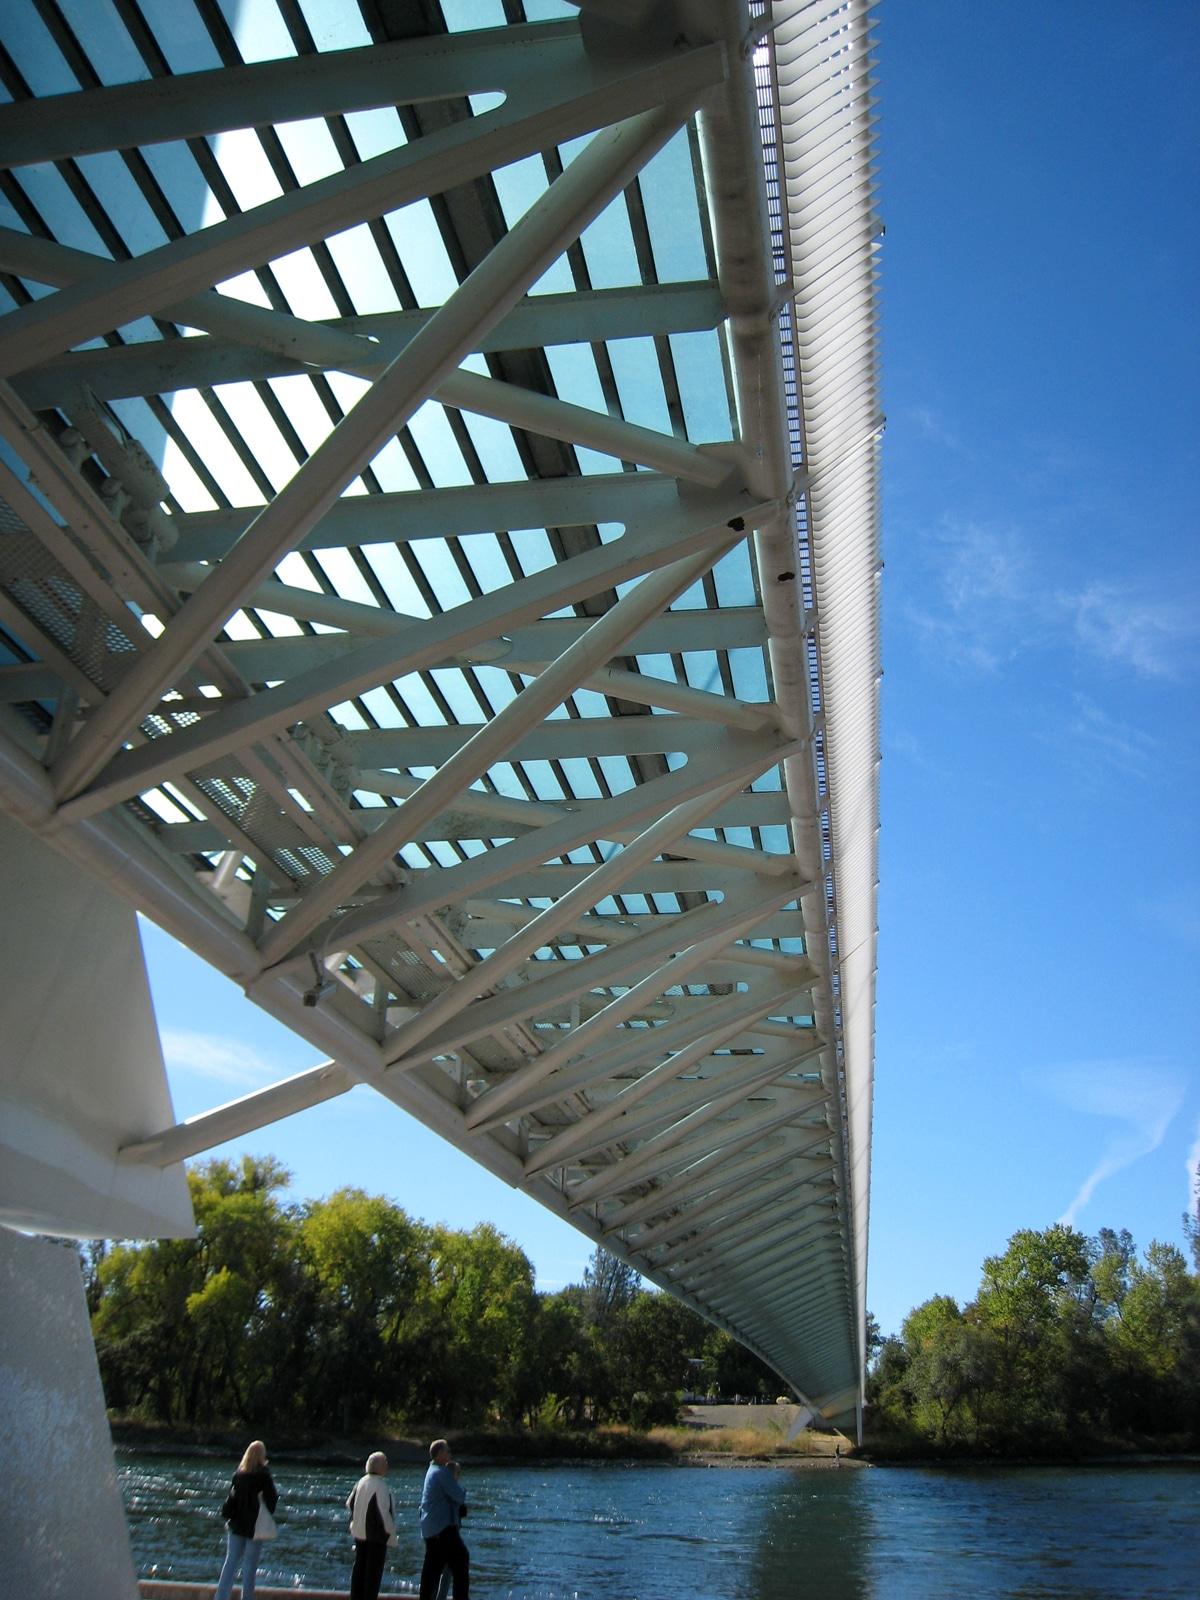 Aspectul podului este absolut fenomenal